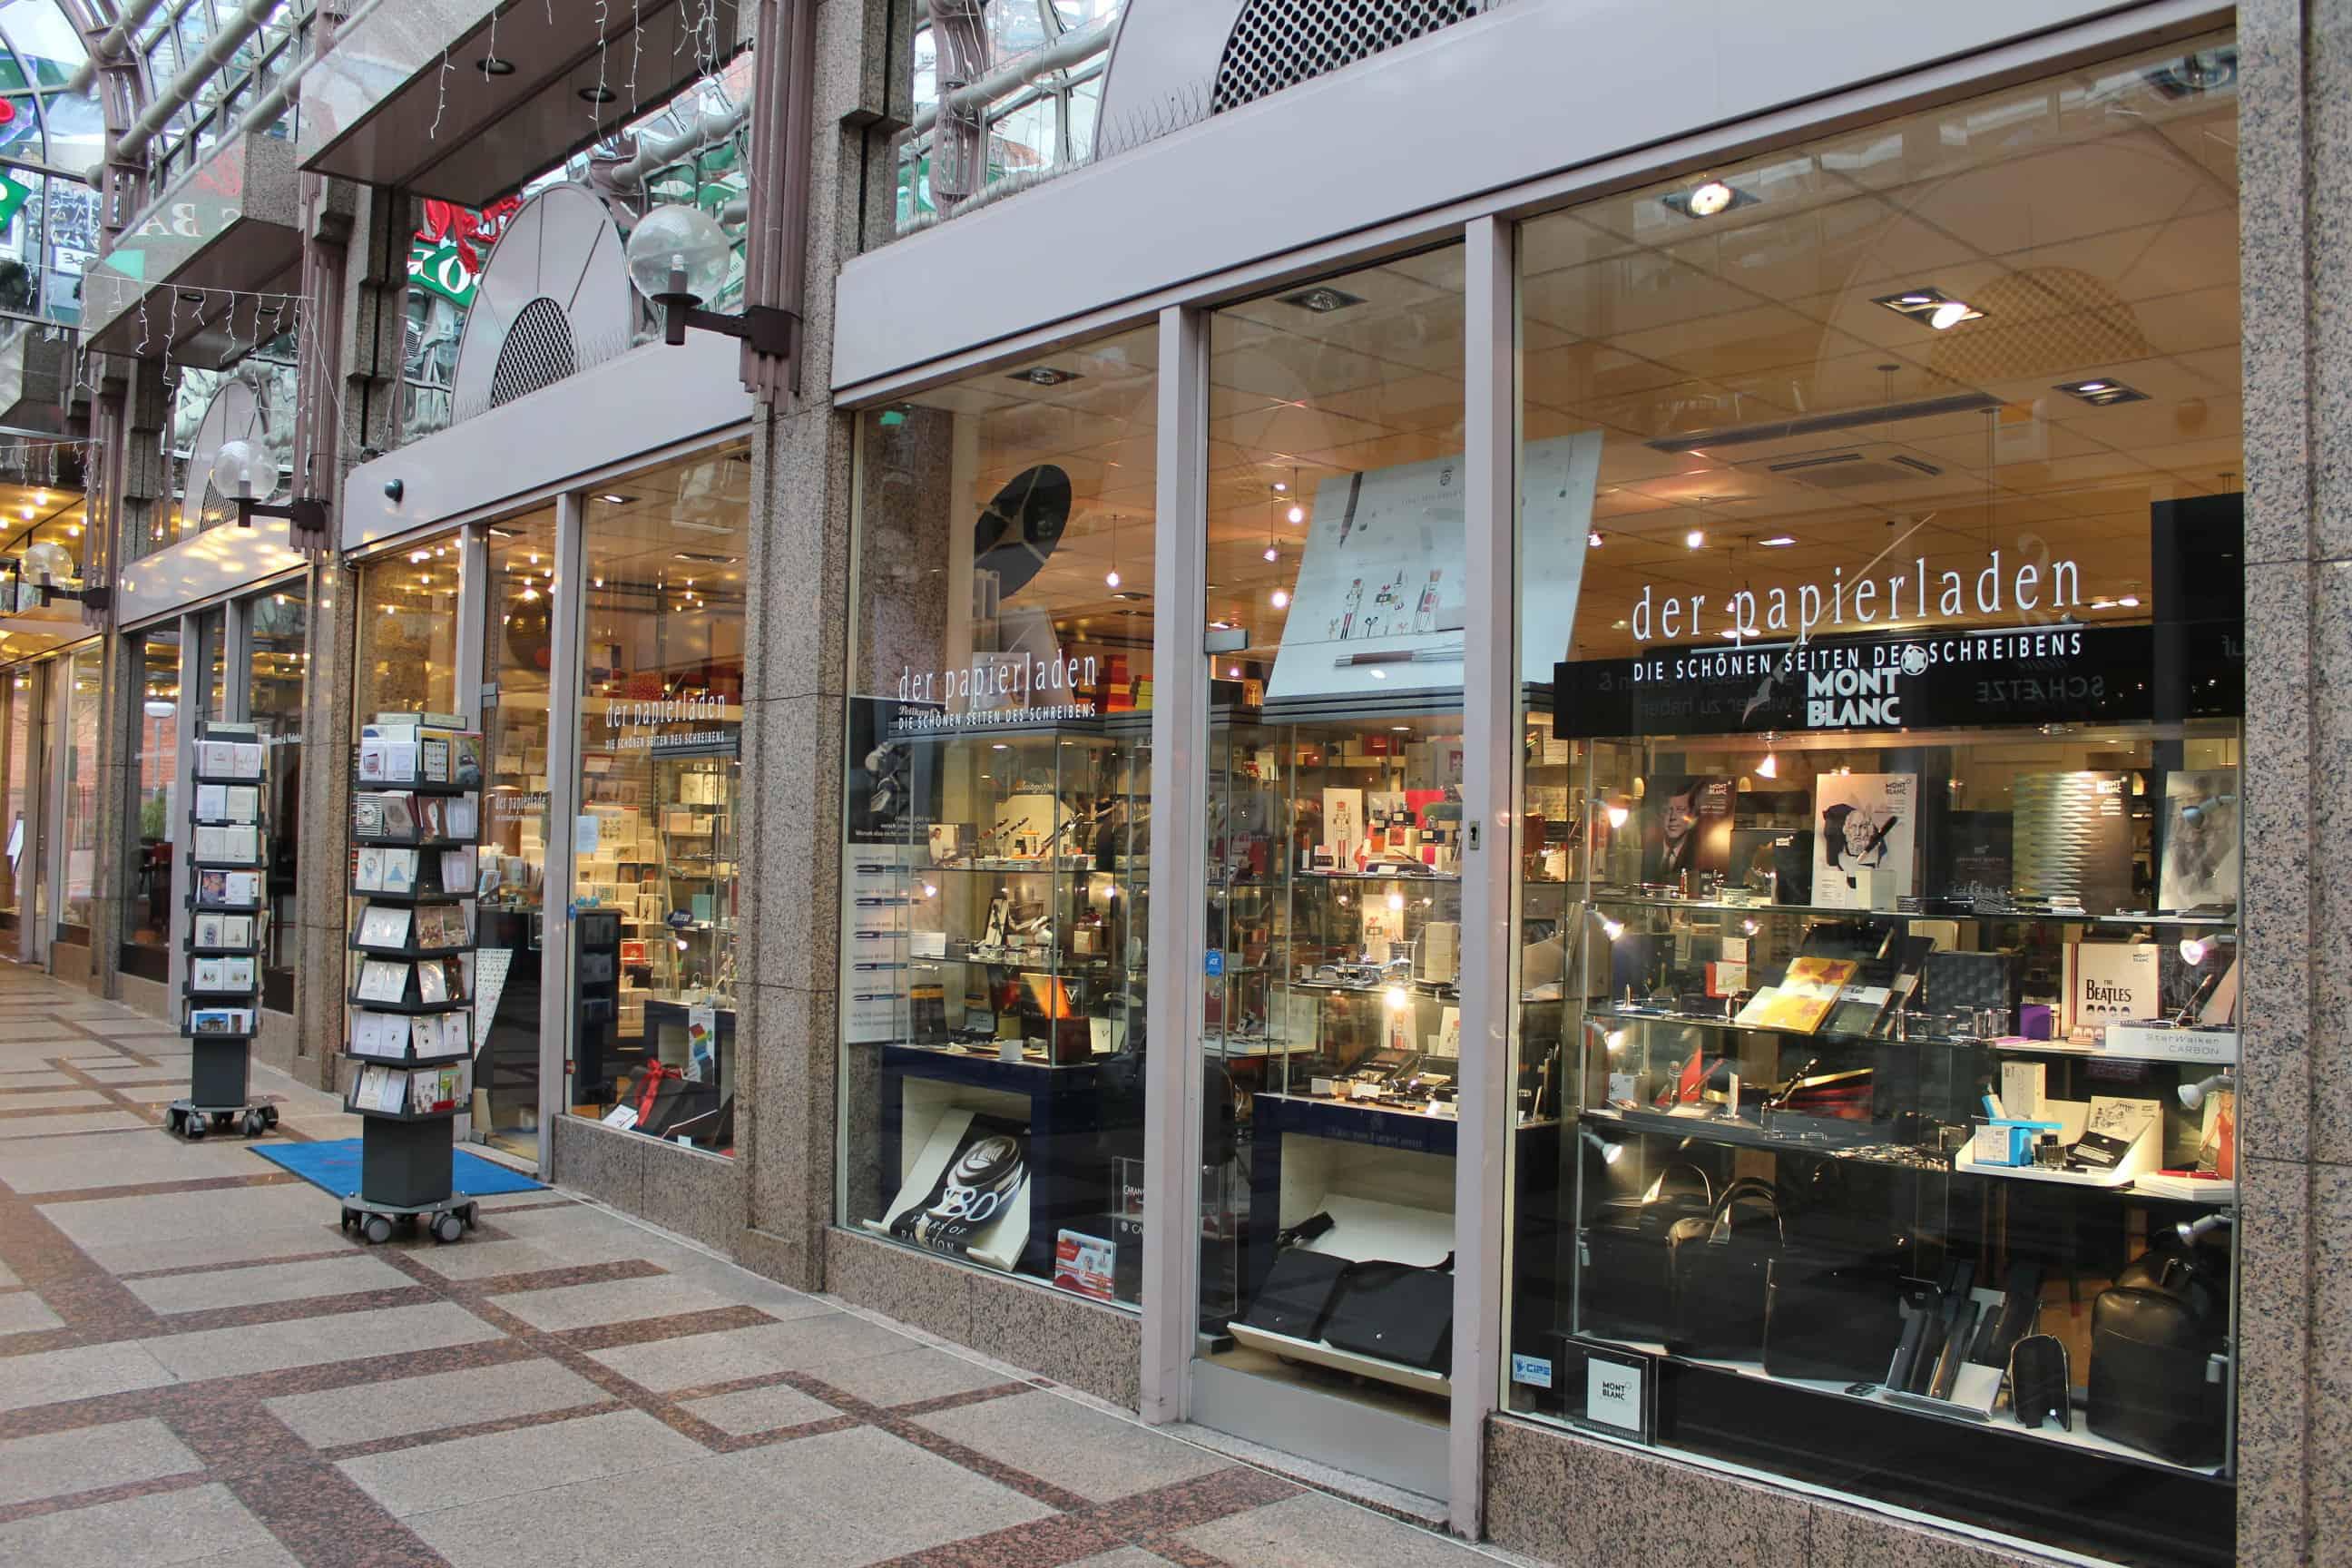 Der Papierladen In Der Arcade Von Wiesbaden